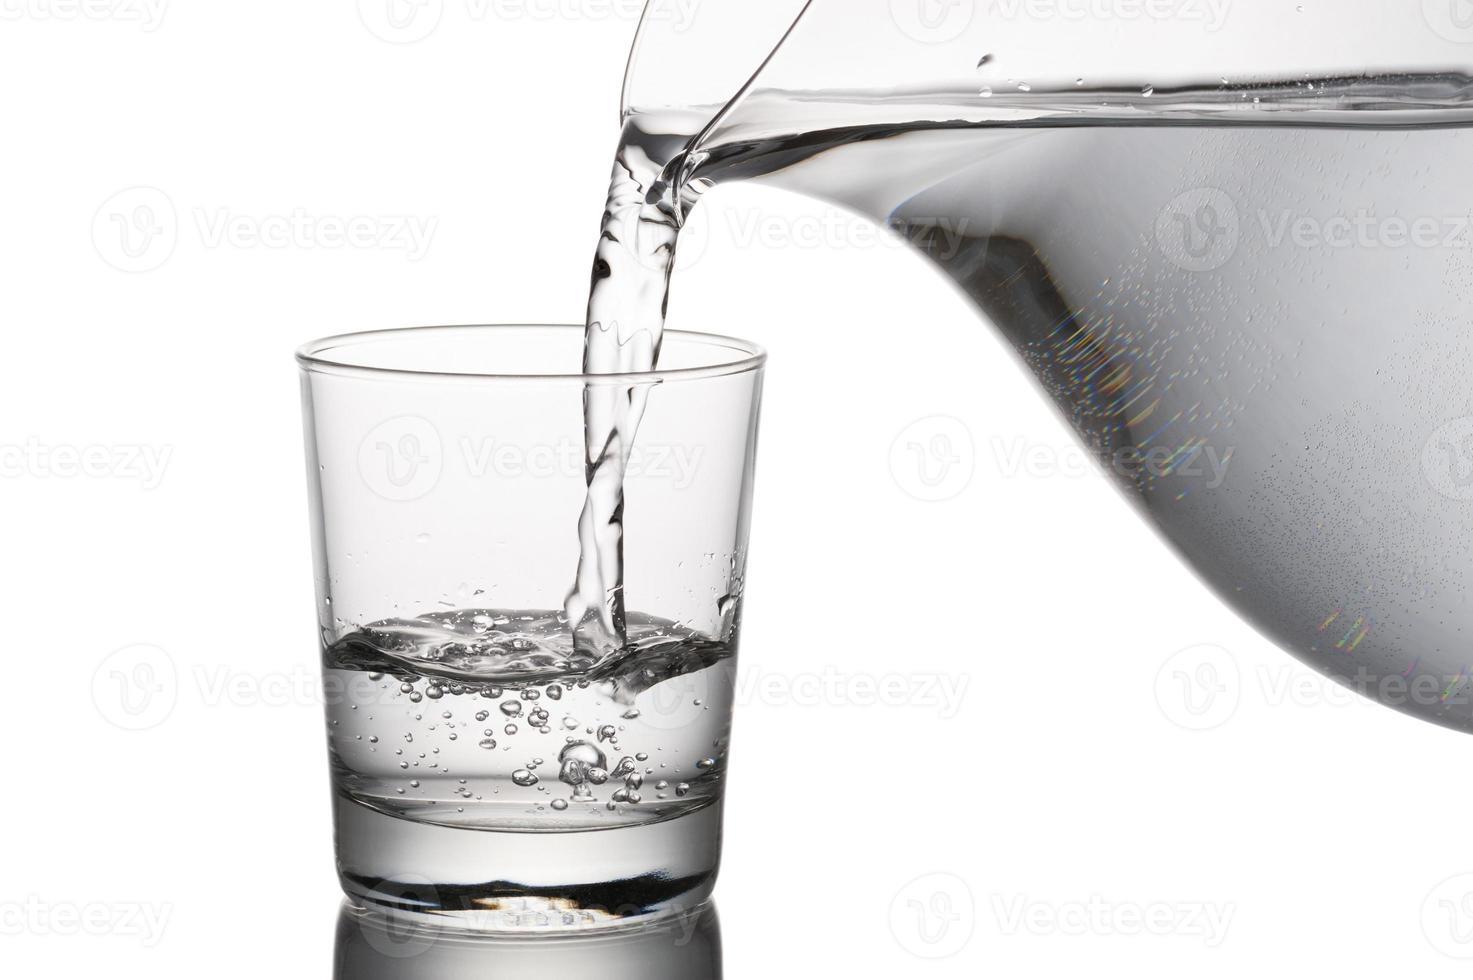 vattenglas foto